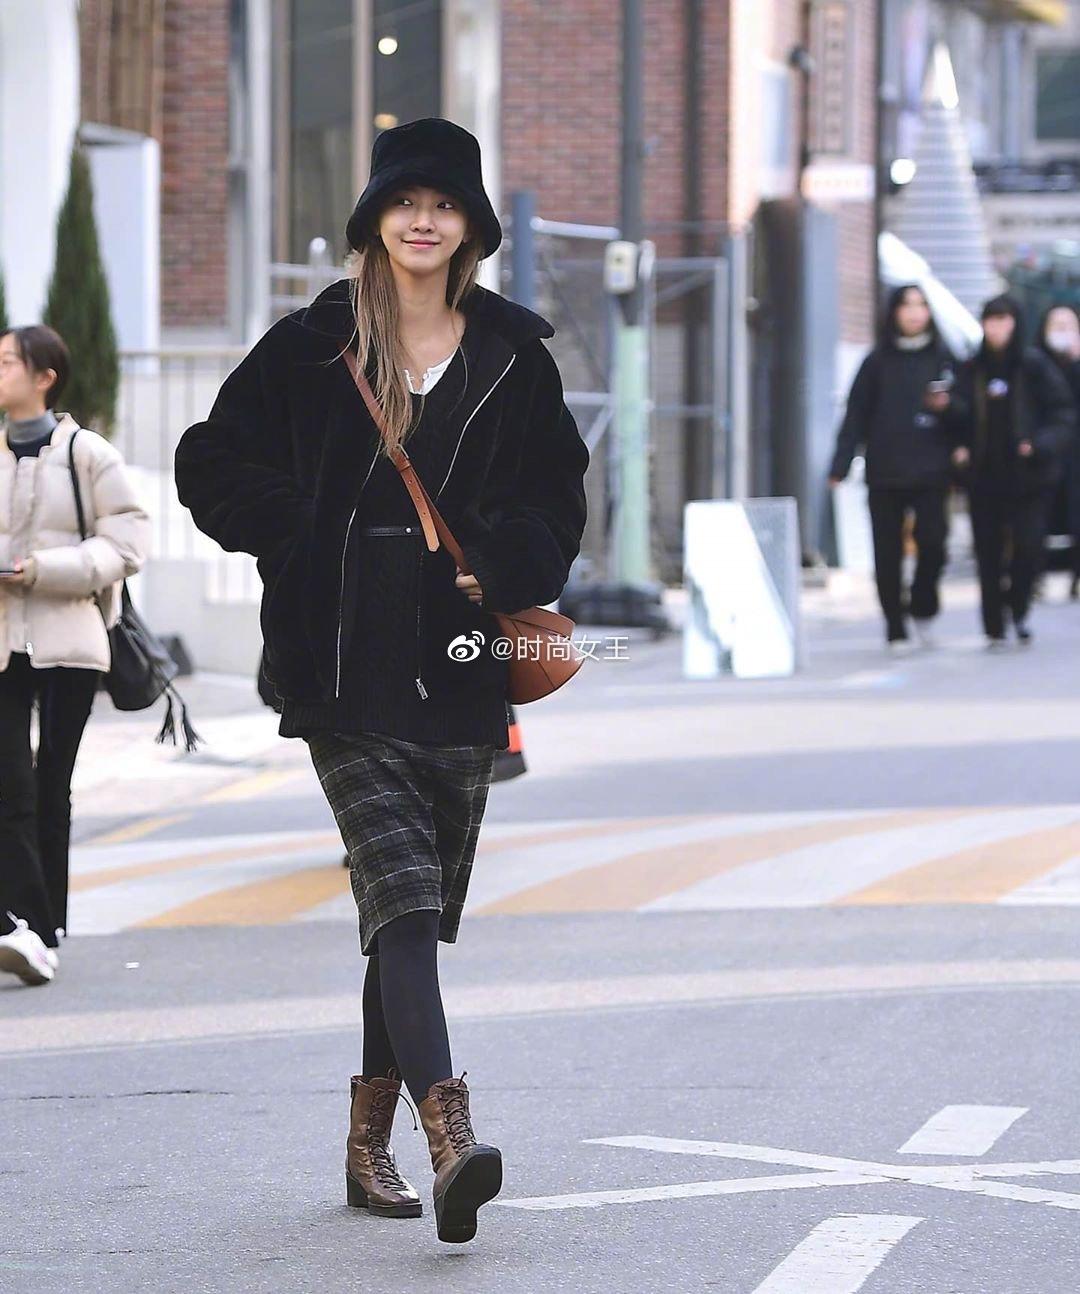 看多了欧美博主街拍,来换换口味,看看韩国小姐姐出街怎么穿。